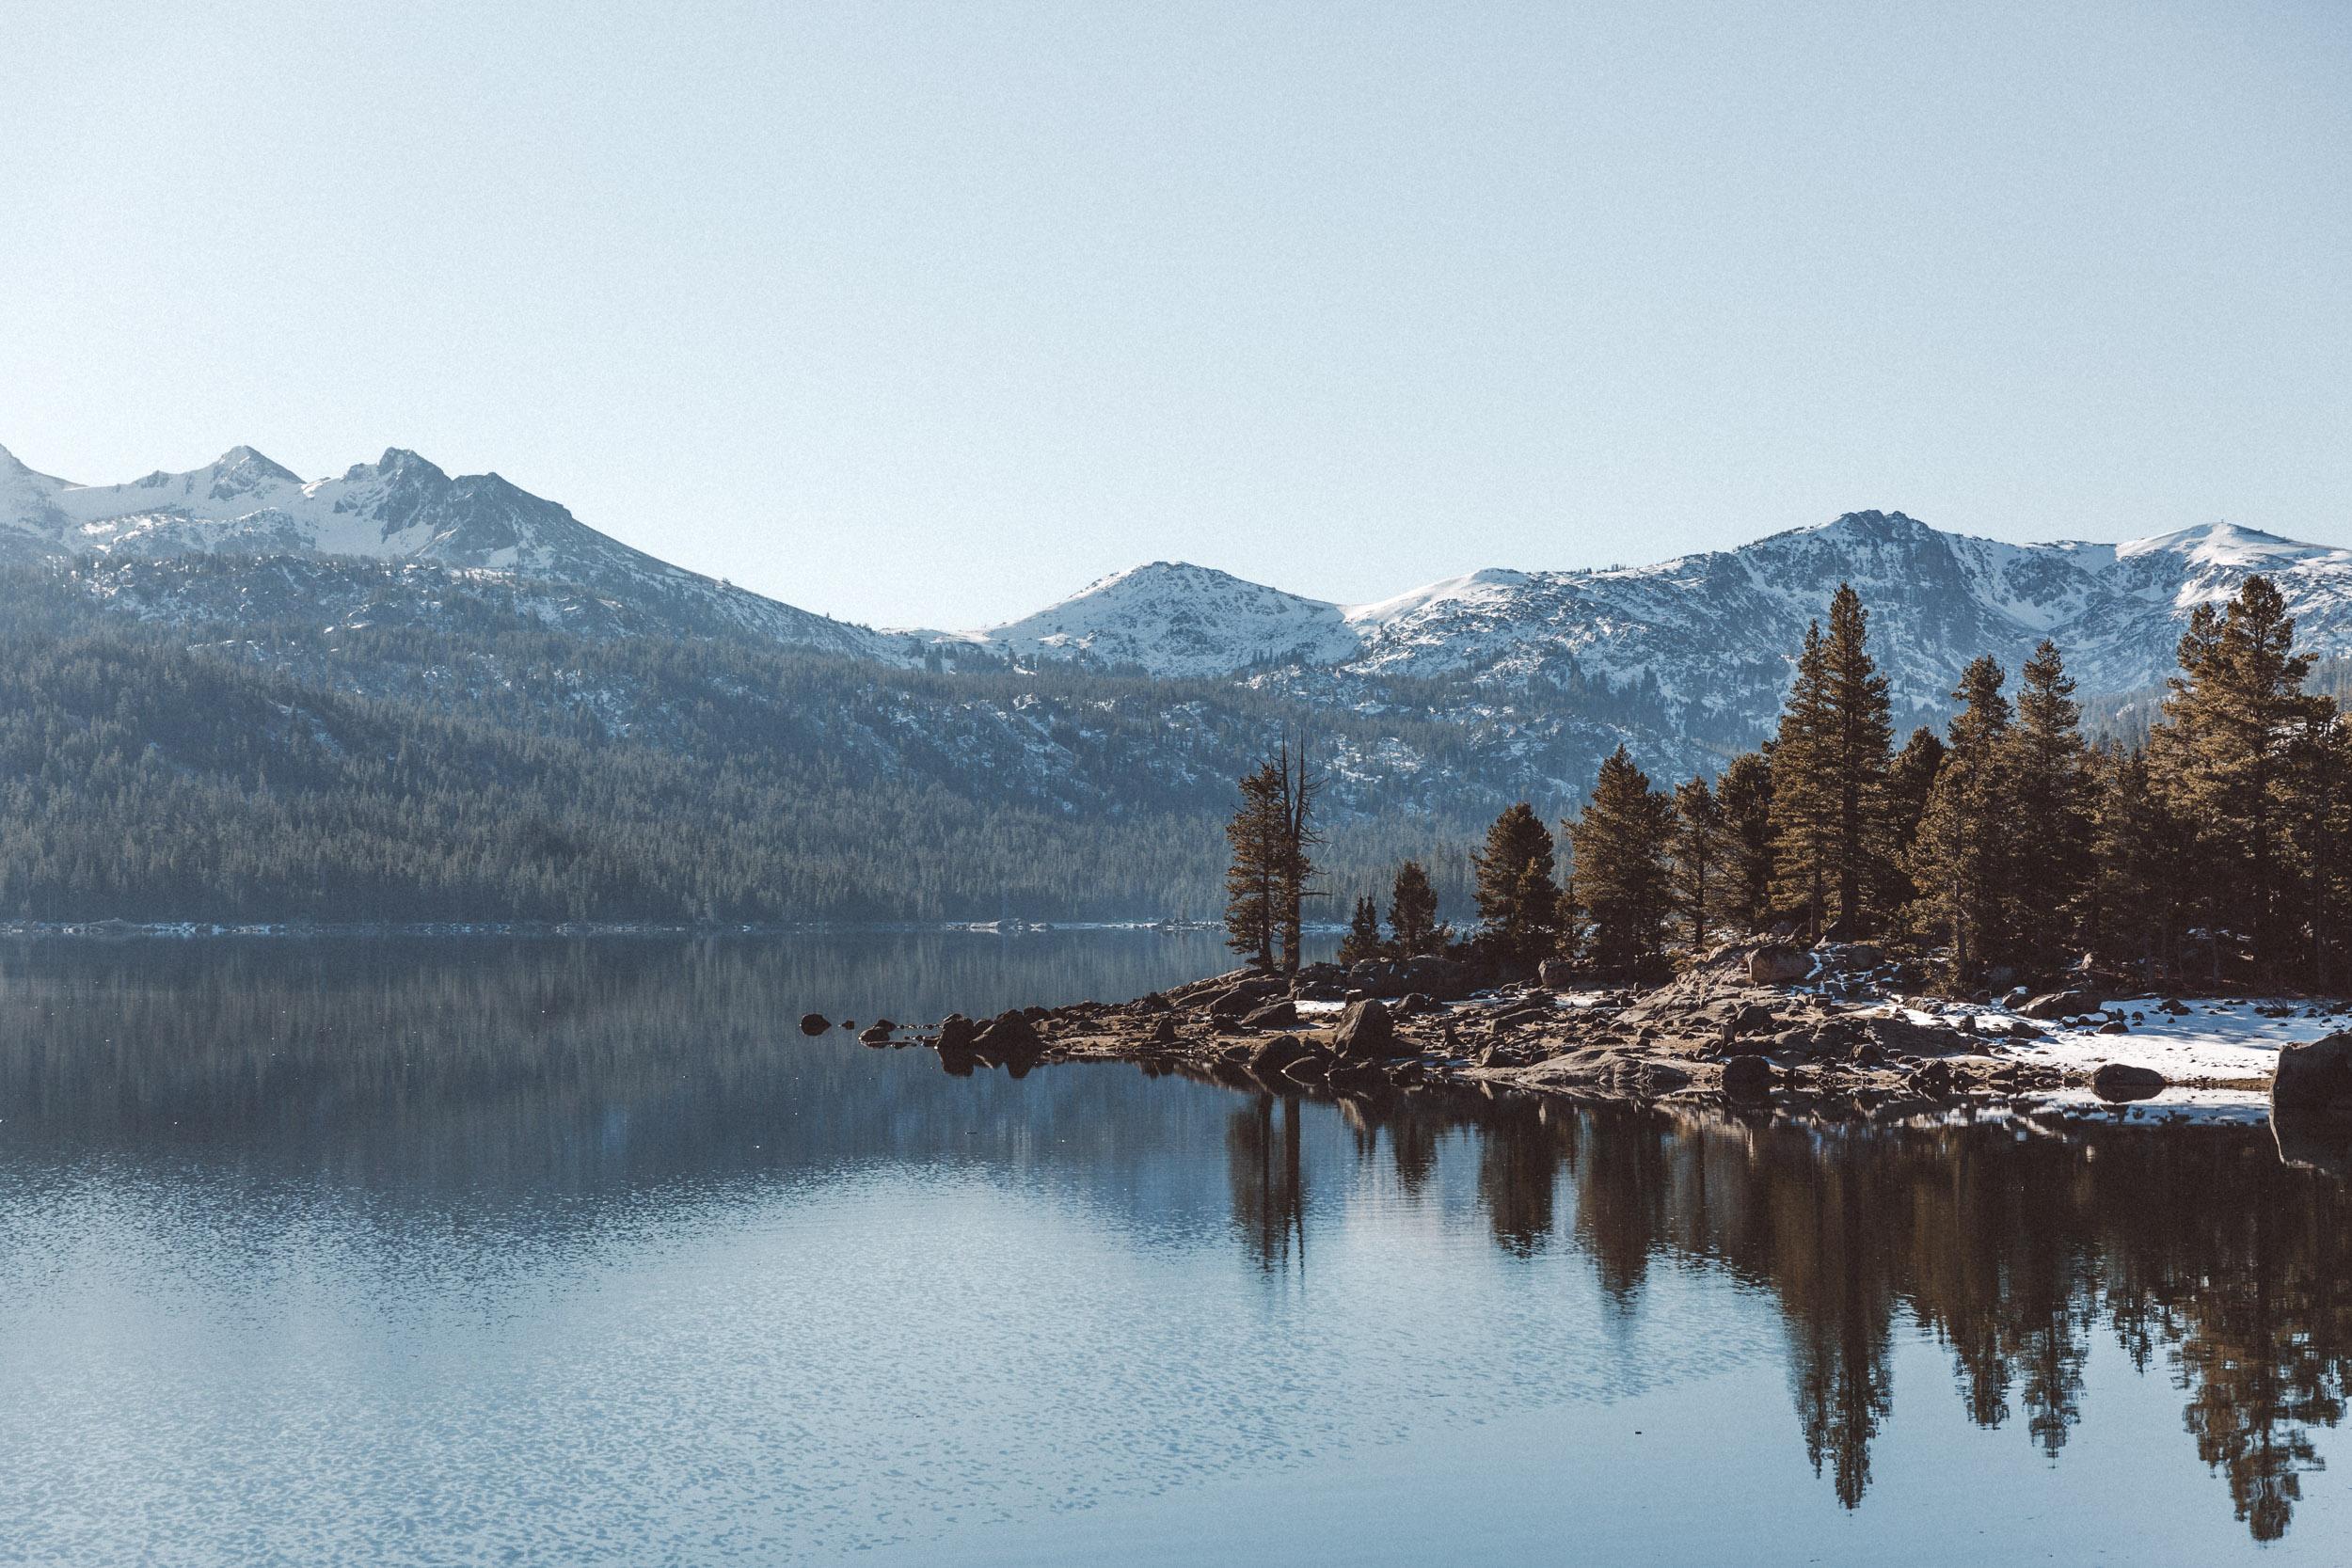 caples-lake-hike-and-shoot-2.jpg